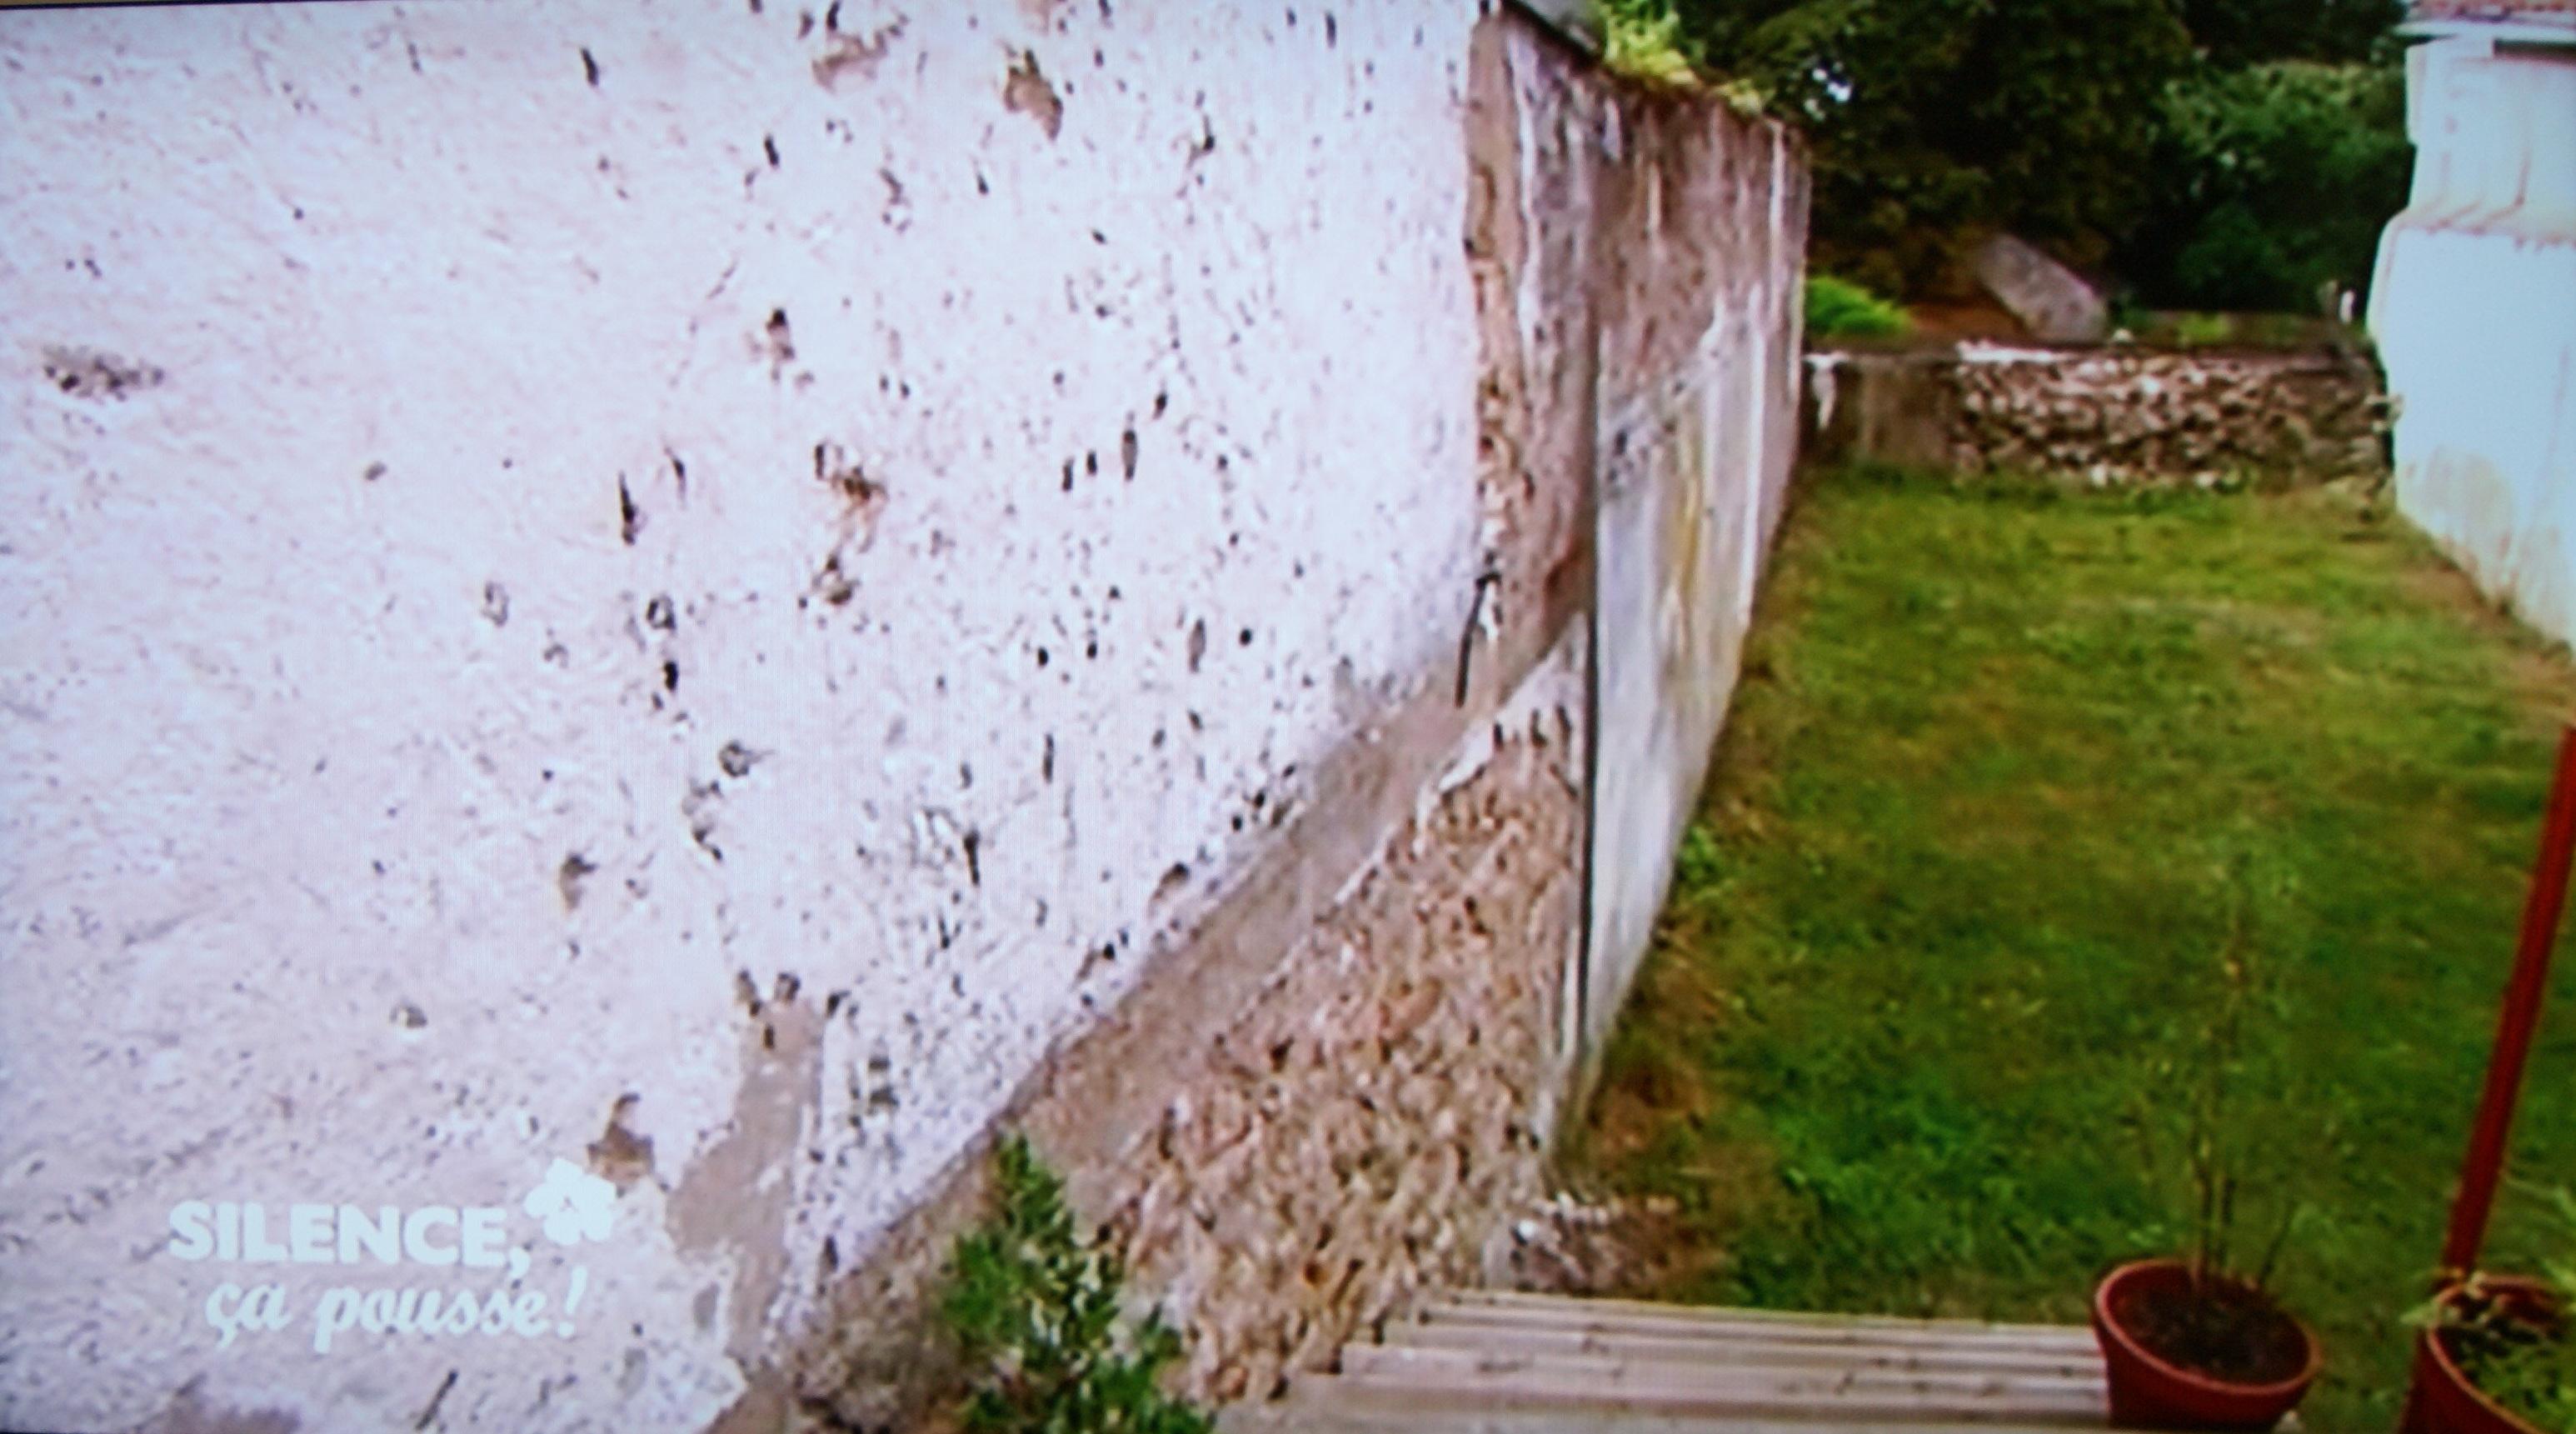 Habiller Un Mur Exterieur En Parpaing habiller un mur disgracieux | pas de panique, décryptage de